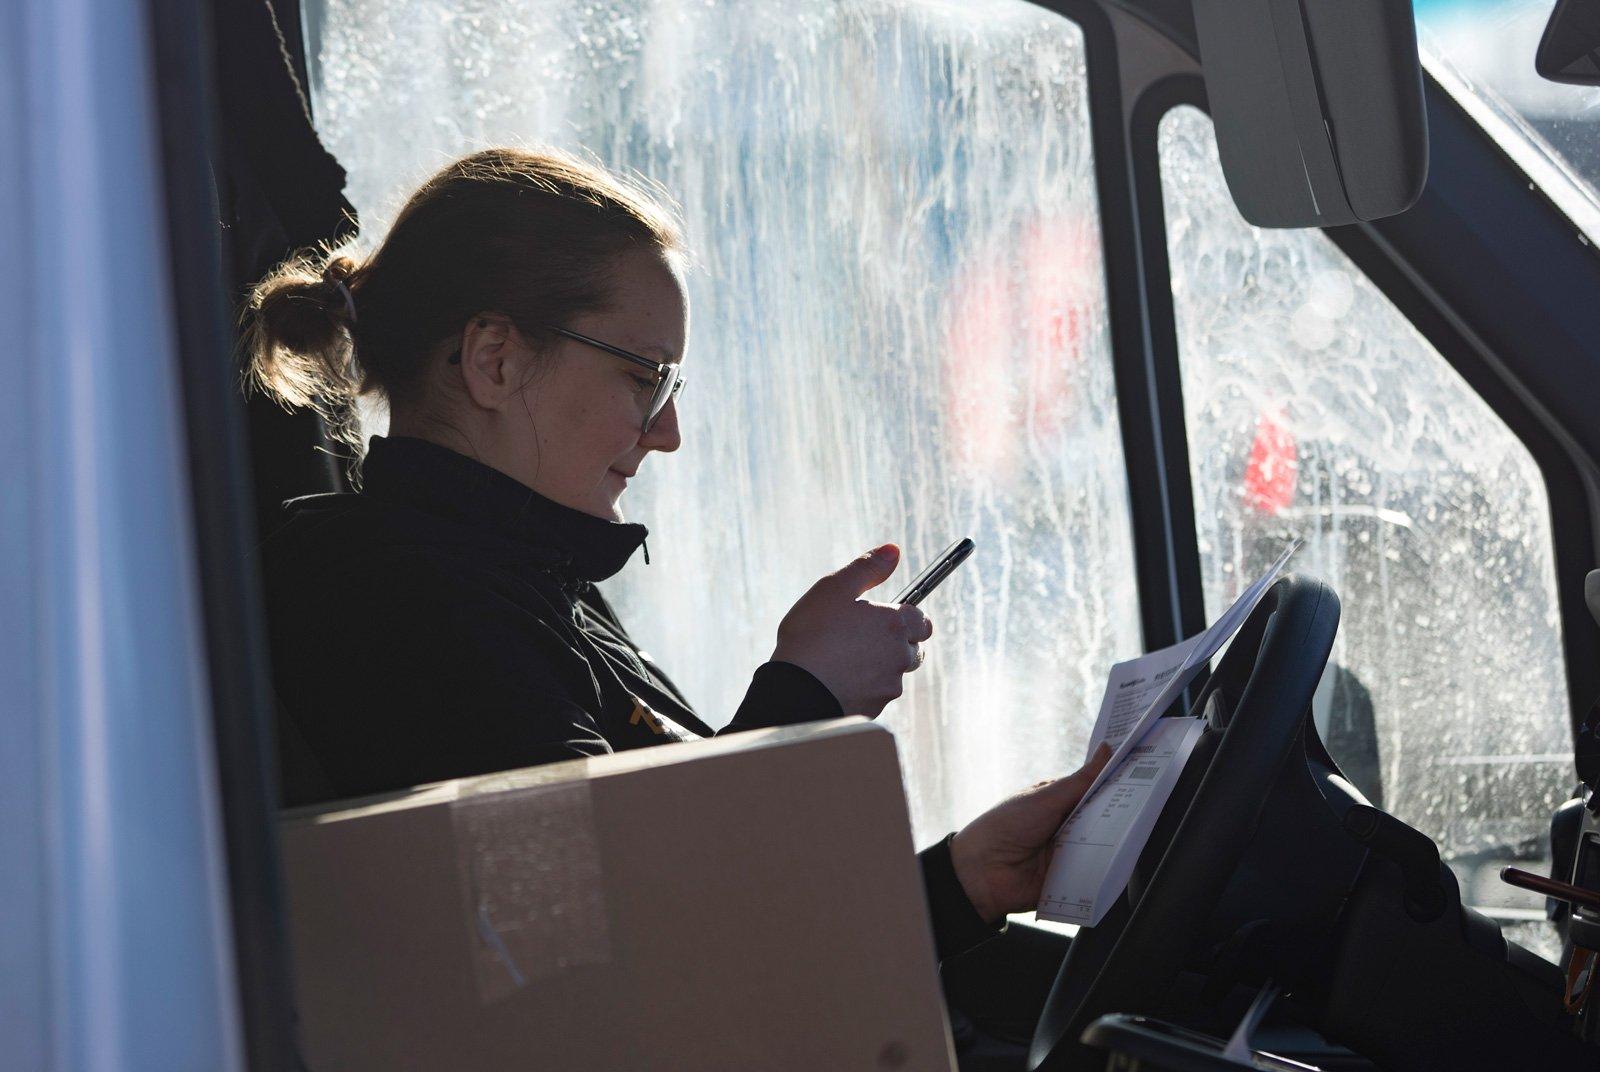 Linnea Larsson kör budbil åt Holmgren High Speed Logistics som ingår i den stora kedjan Best Transport.